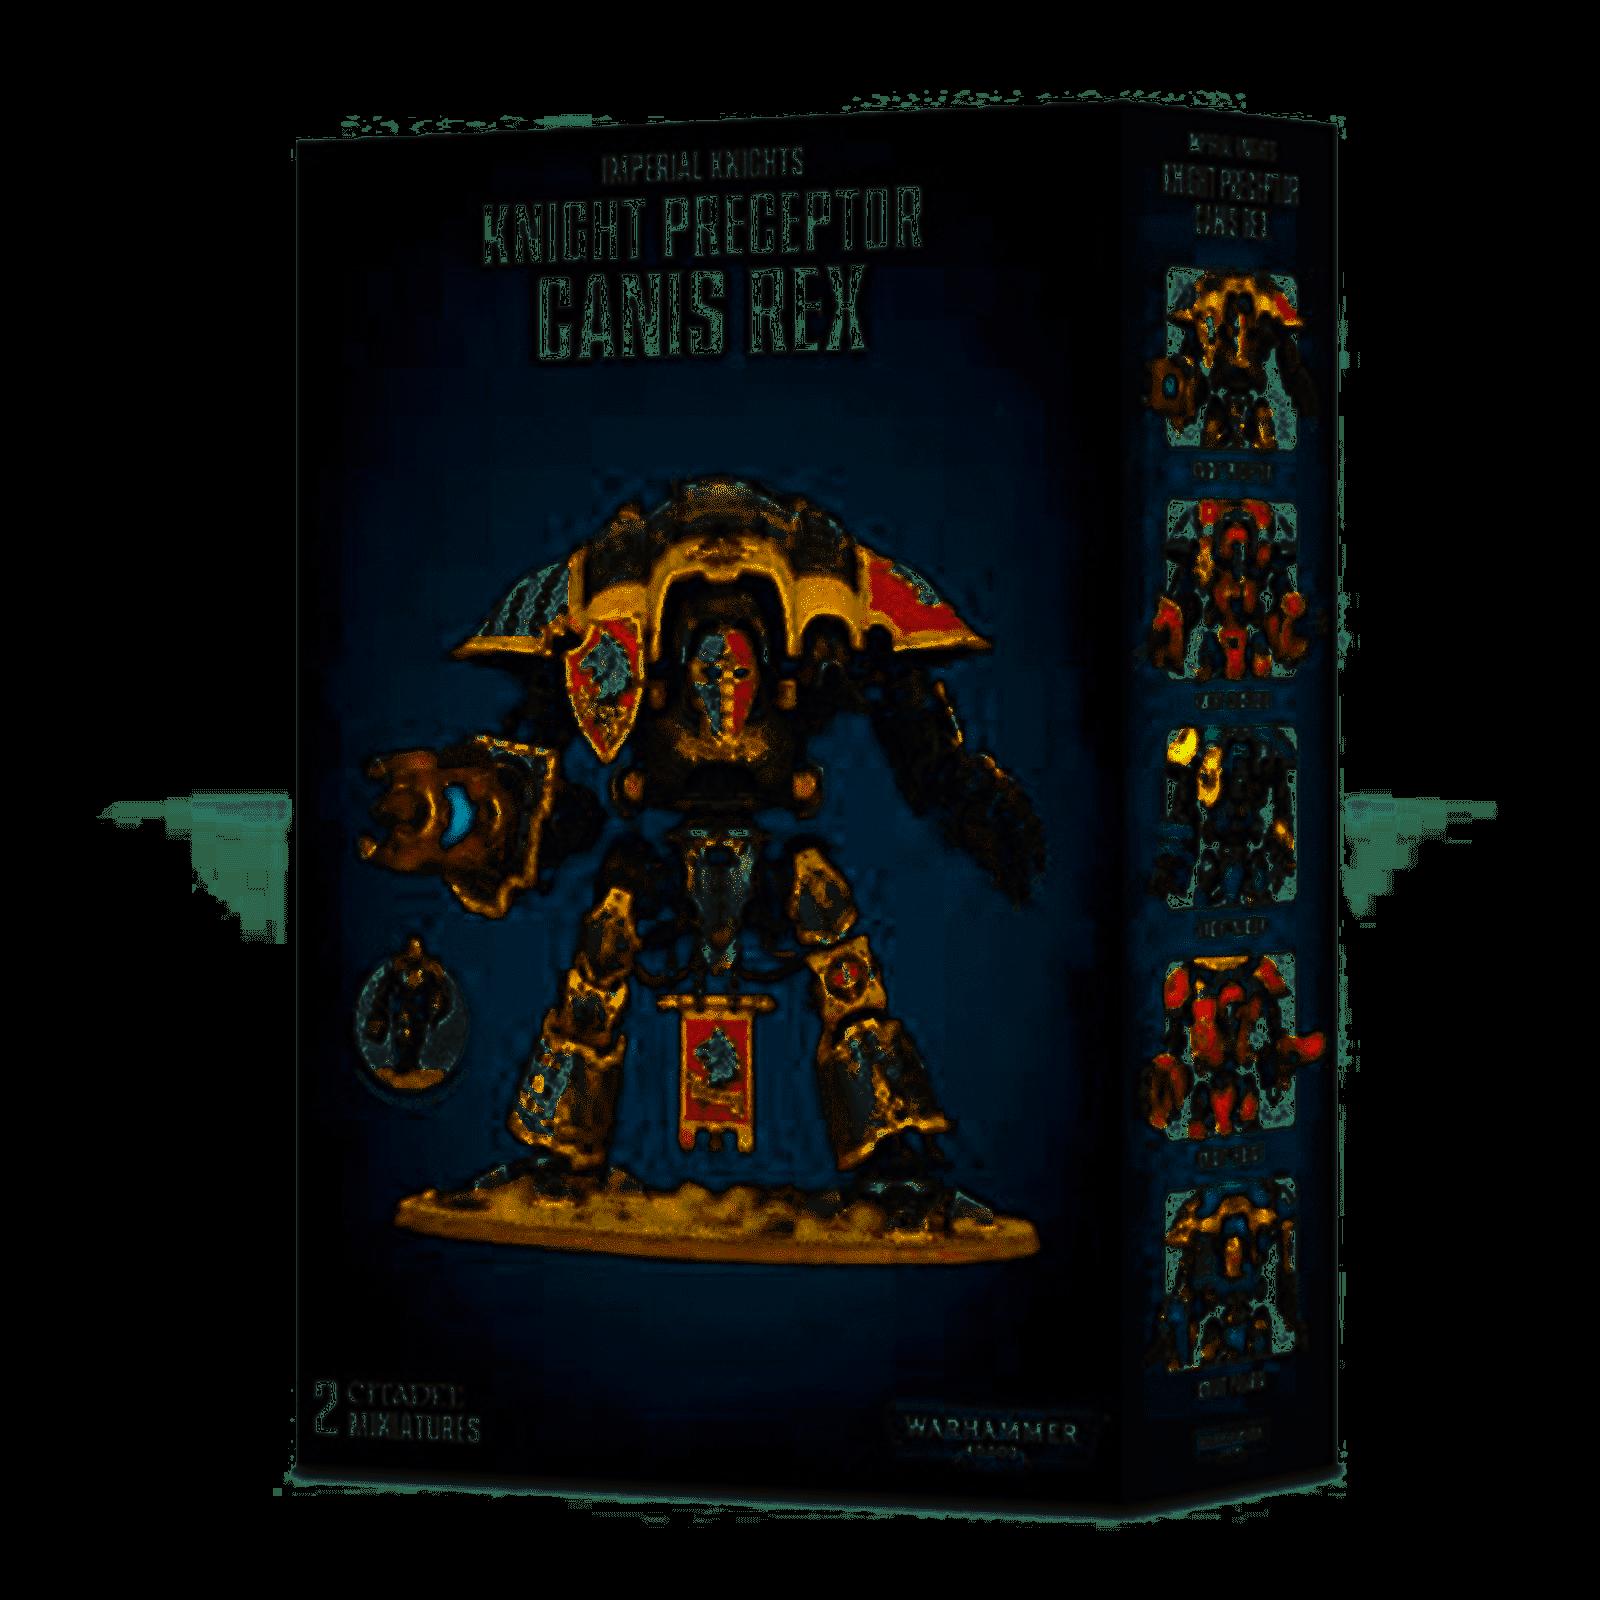 Games Workshop  54-15  Warhammer Imperial Knights CHEVALIER précepteur Ganis Rex NEUF  connotation de luxe discret